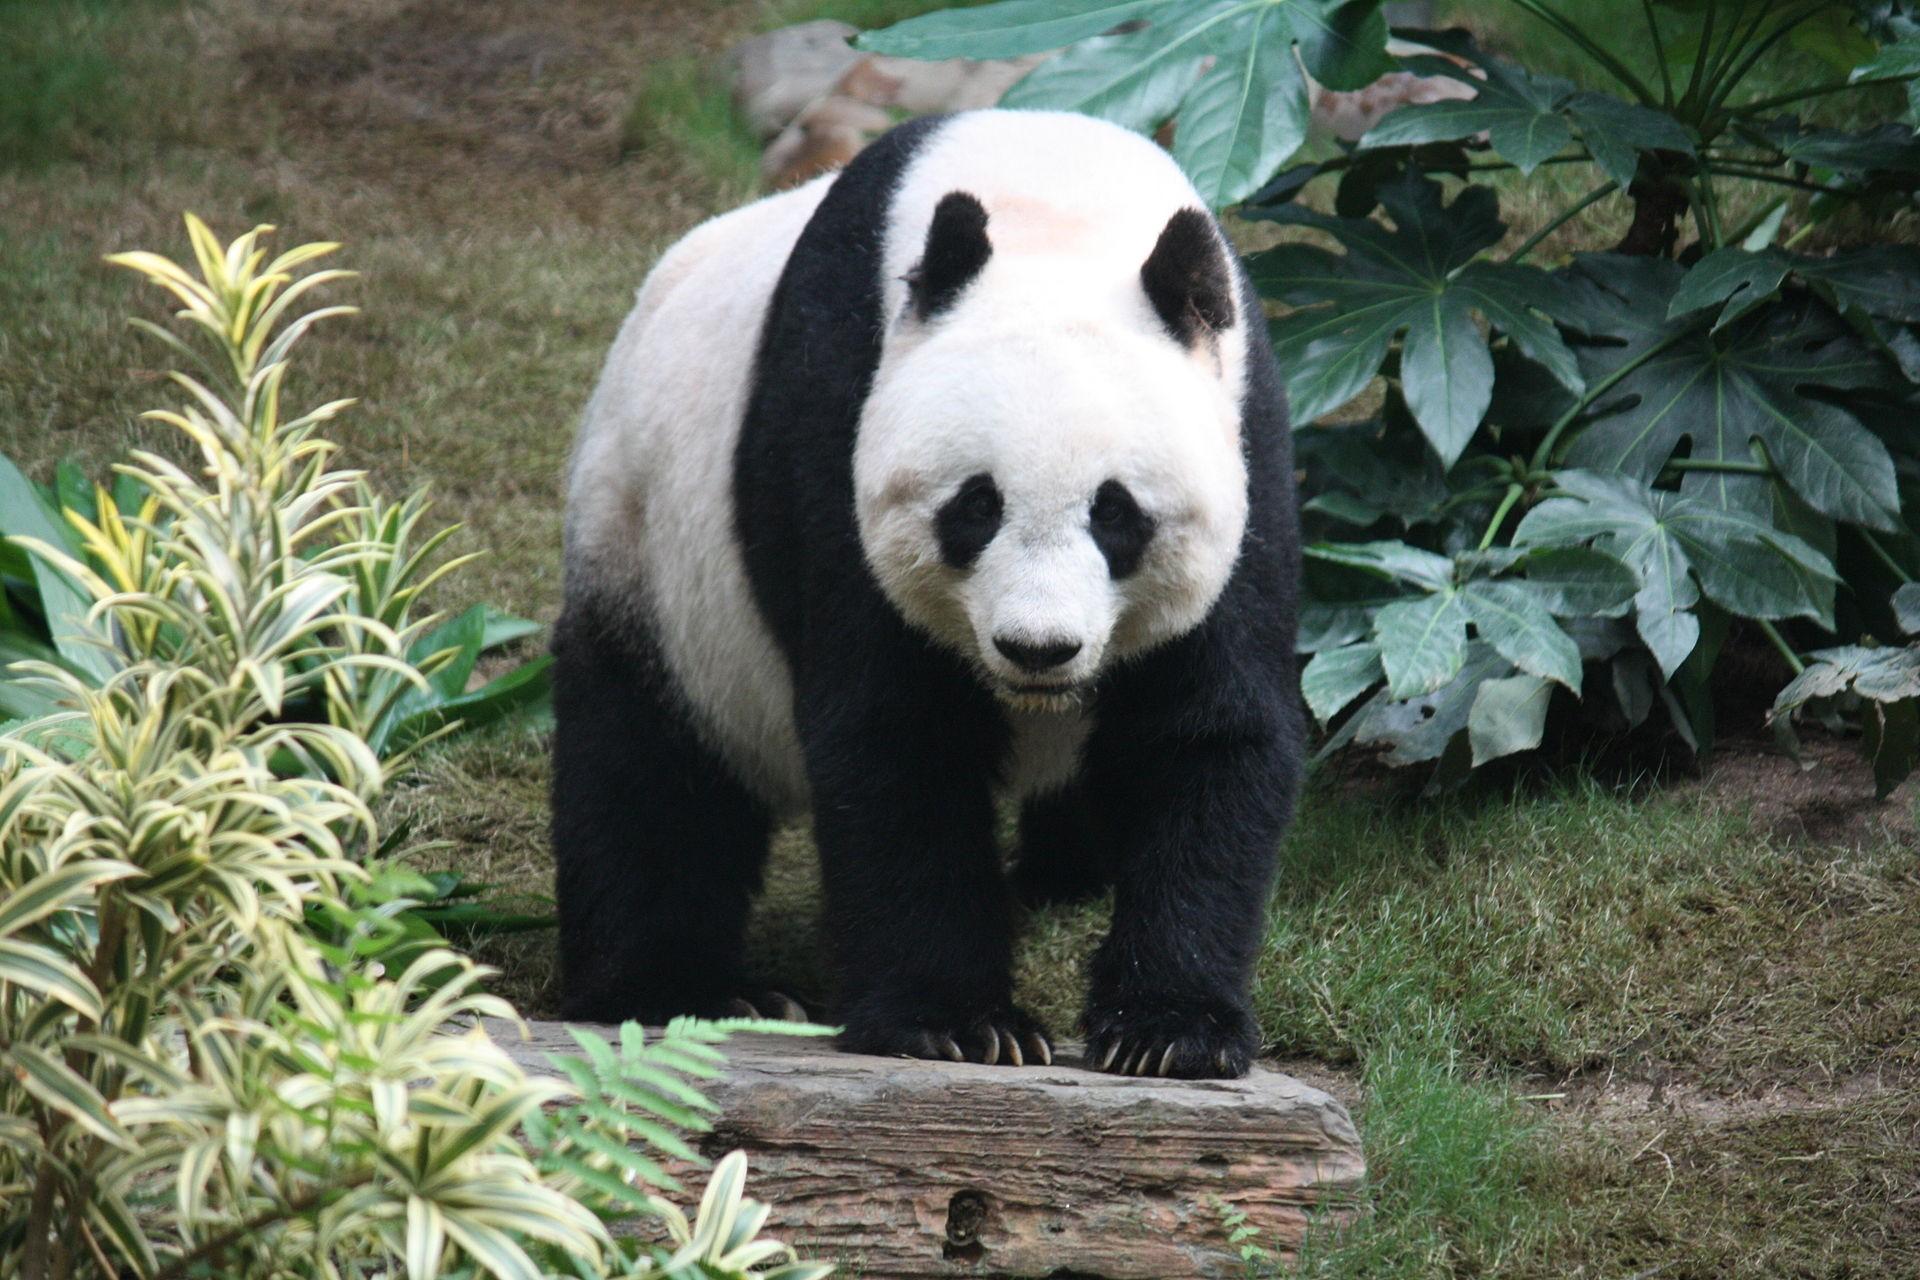 Panda Grosser